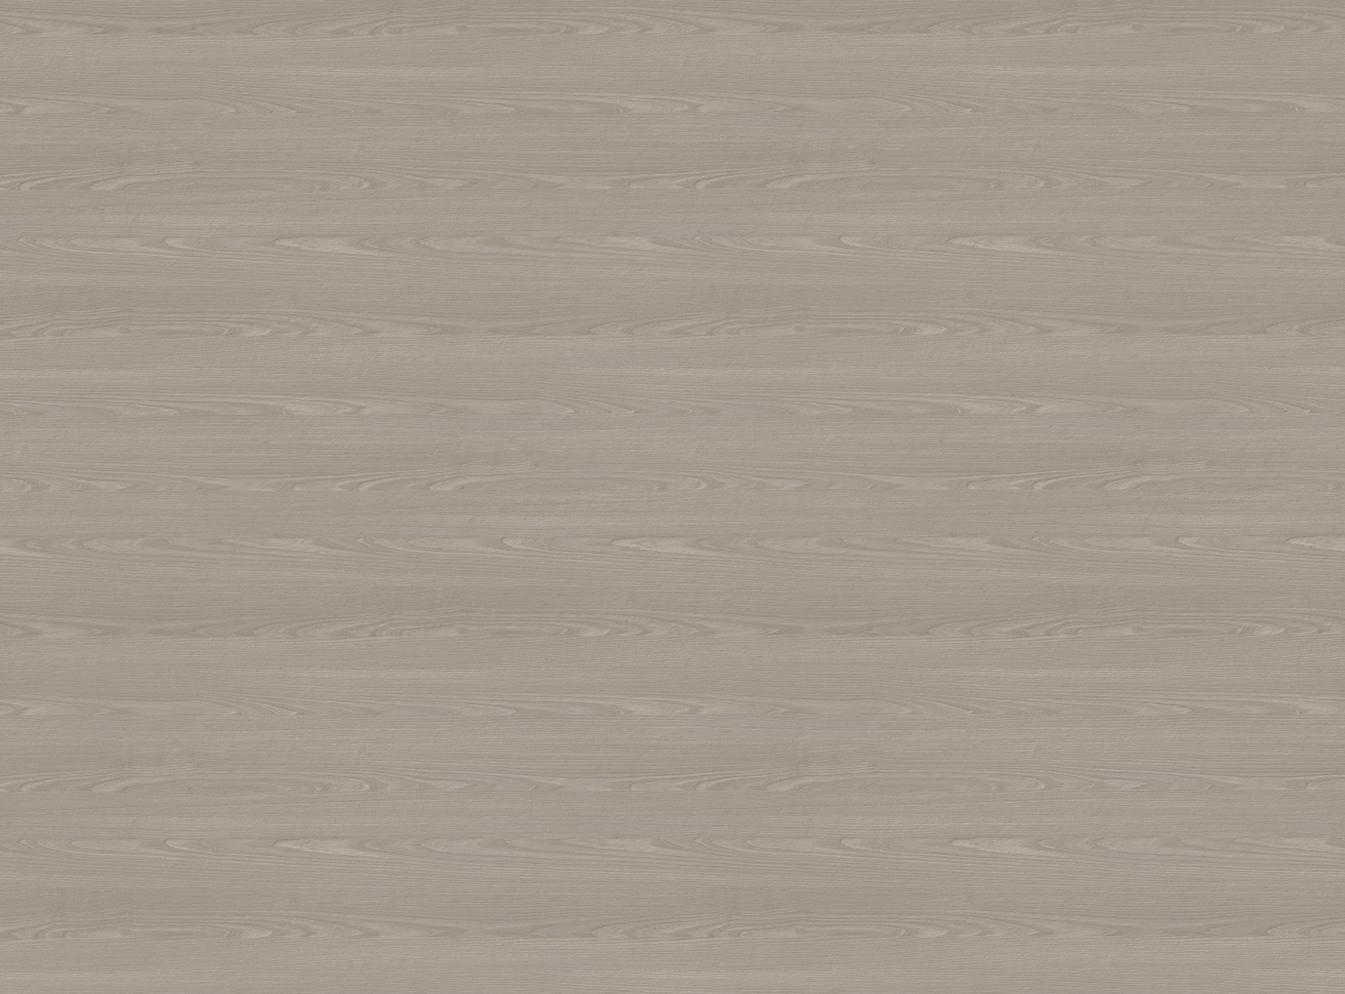 ДСП S144 22мм Tivoli 2800х2070мм (альт. ДСП 18,8 мм)